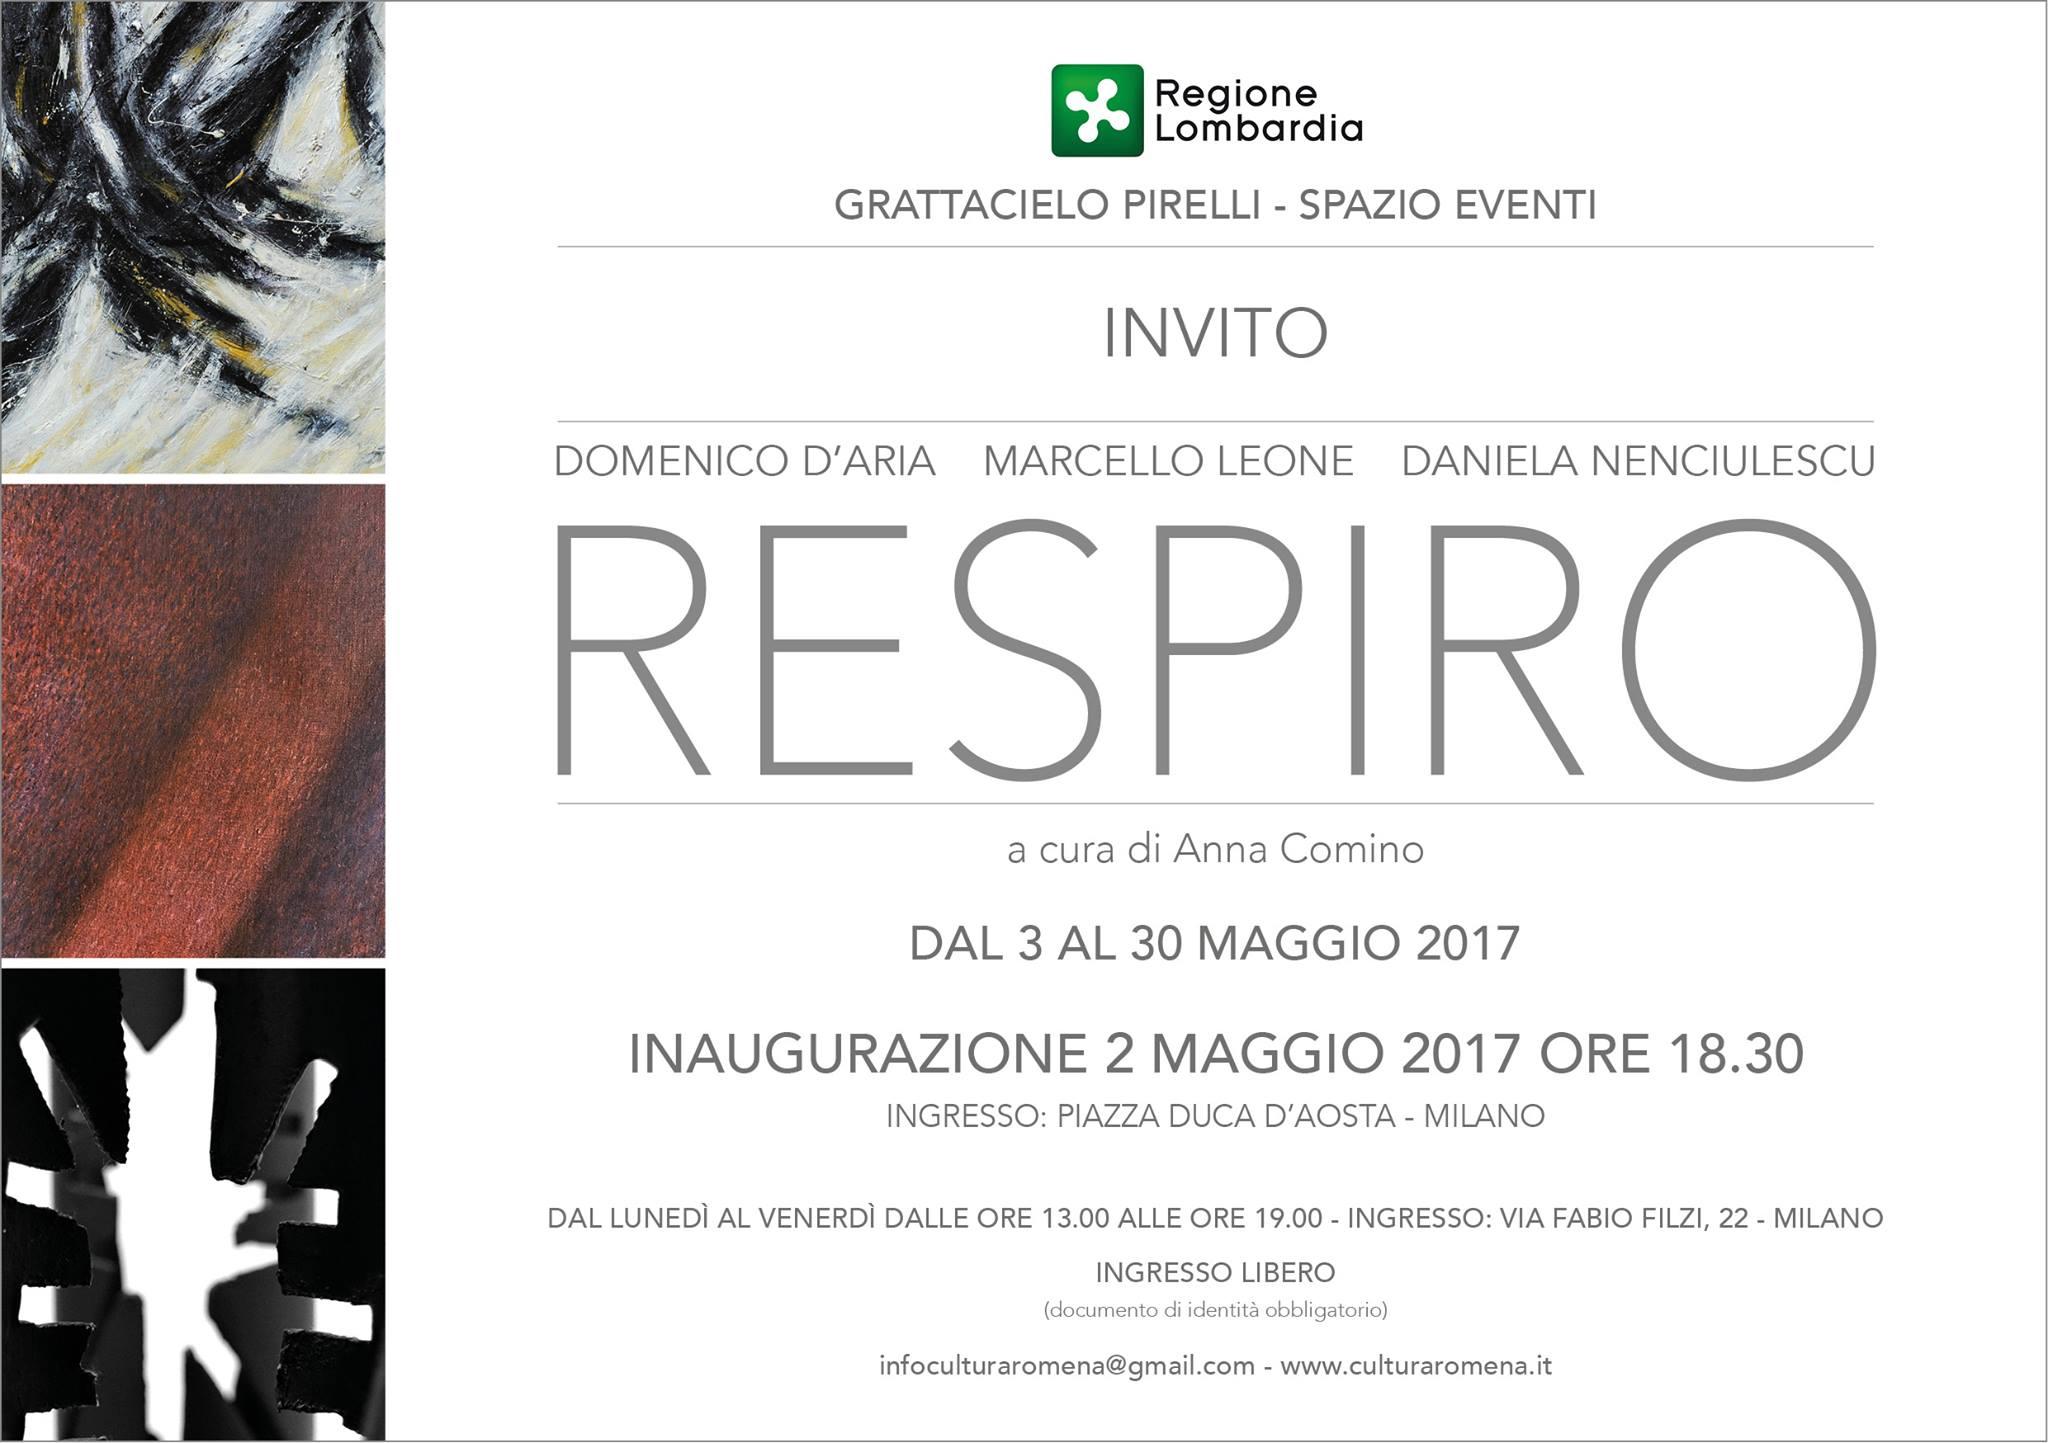 Artista Daniela Nenciulescu presente nella mostra RESPIRO – Grattacielo Pirelli Milano